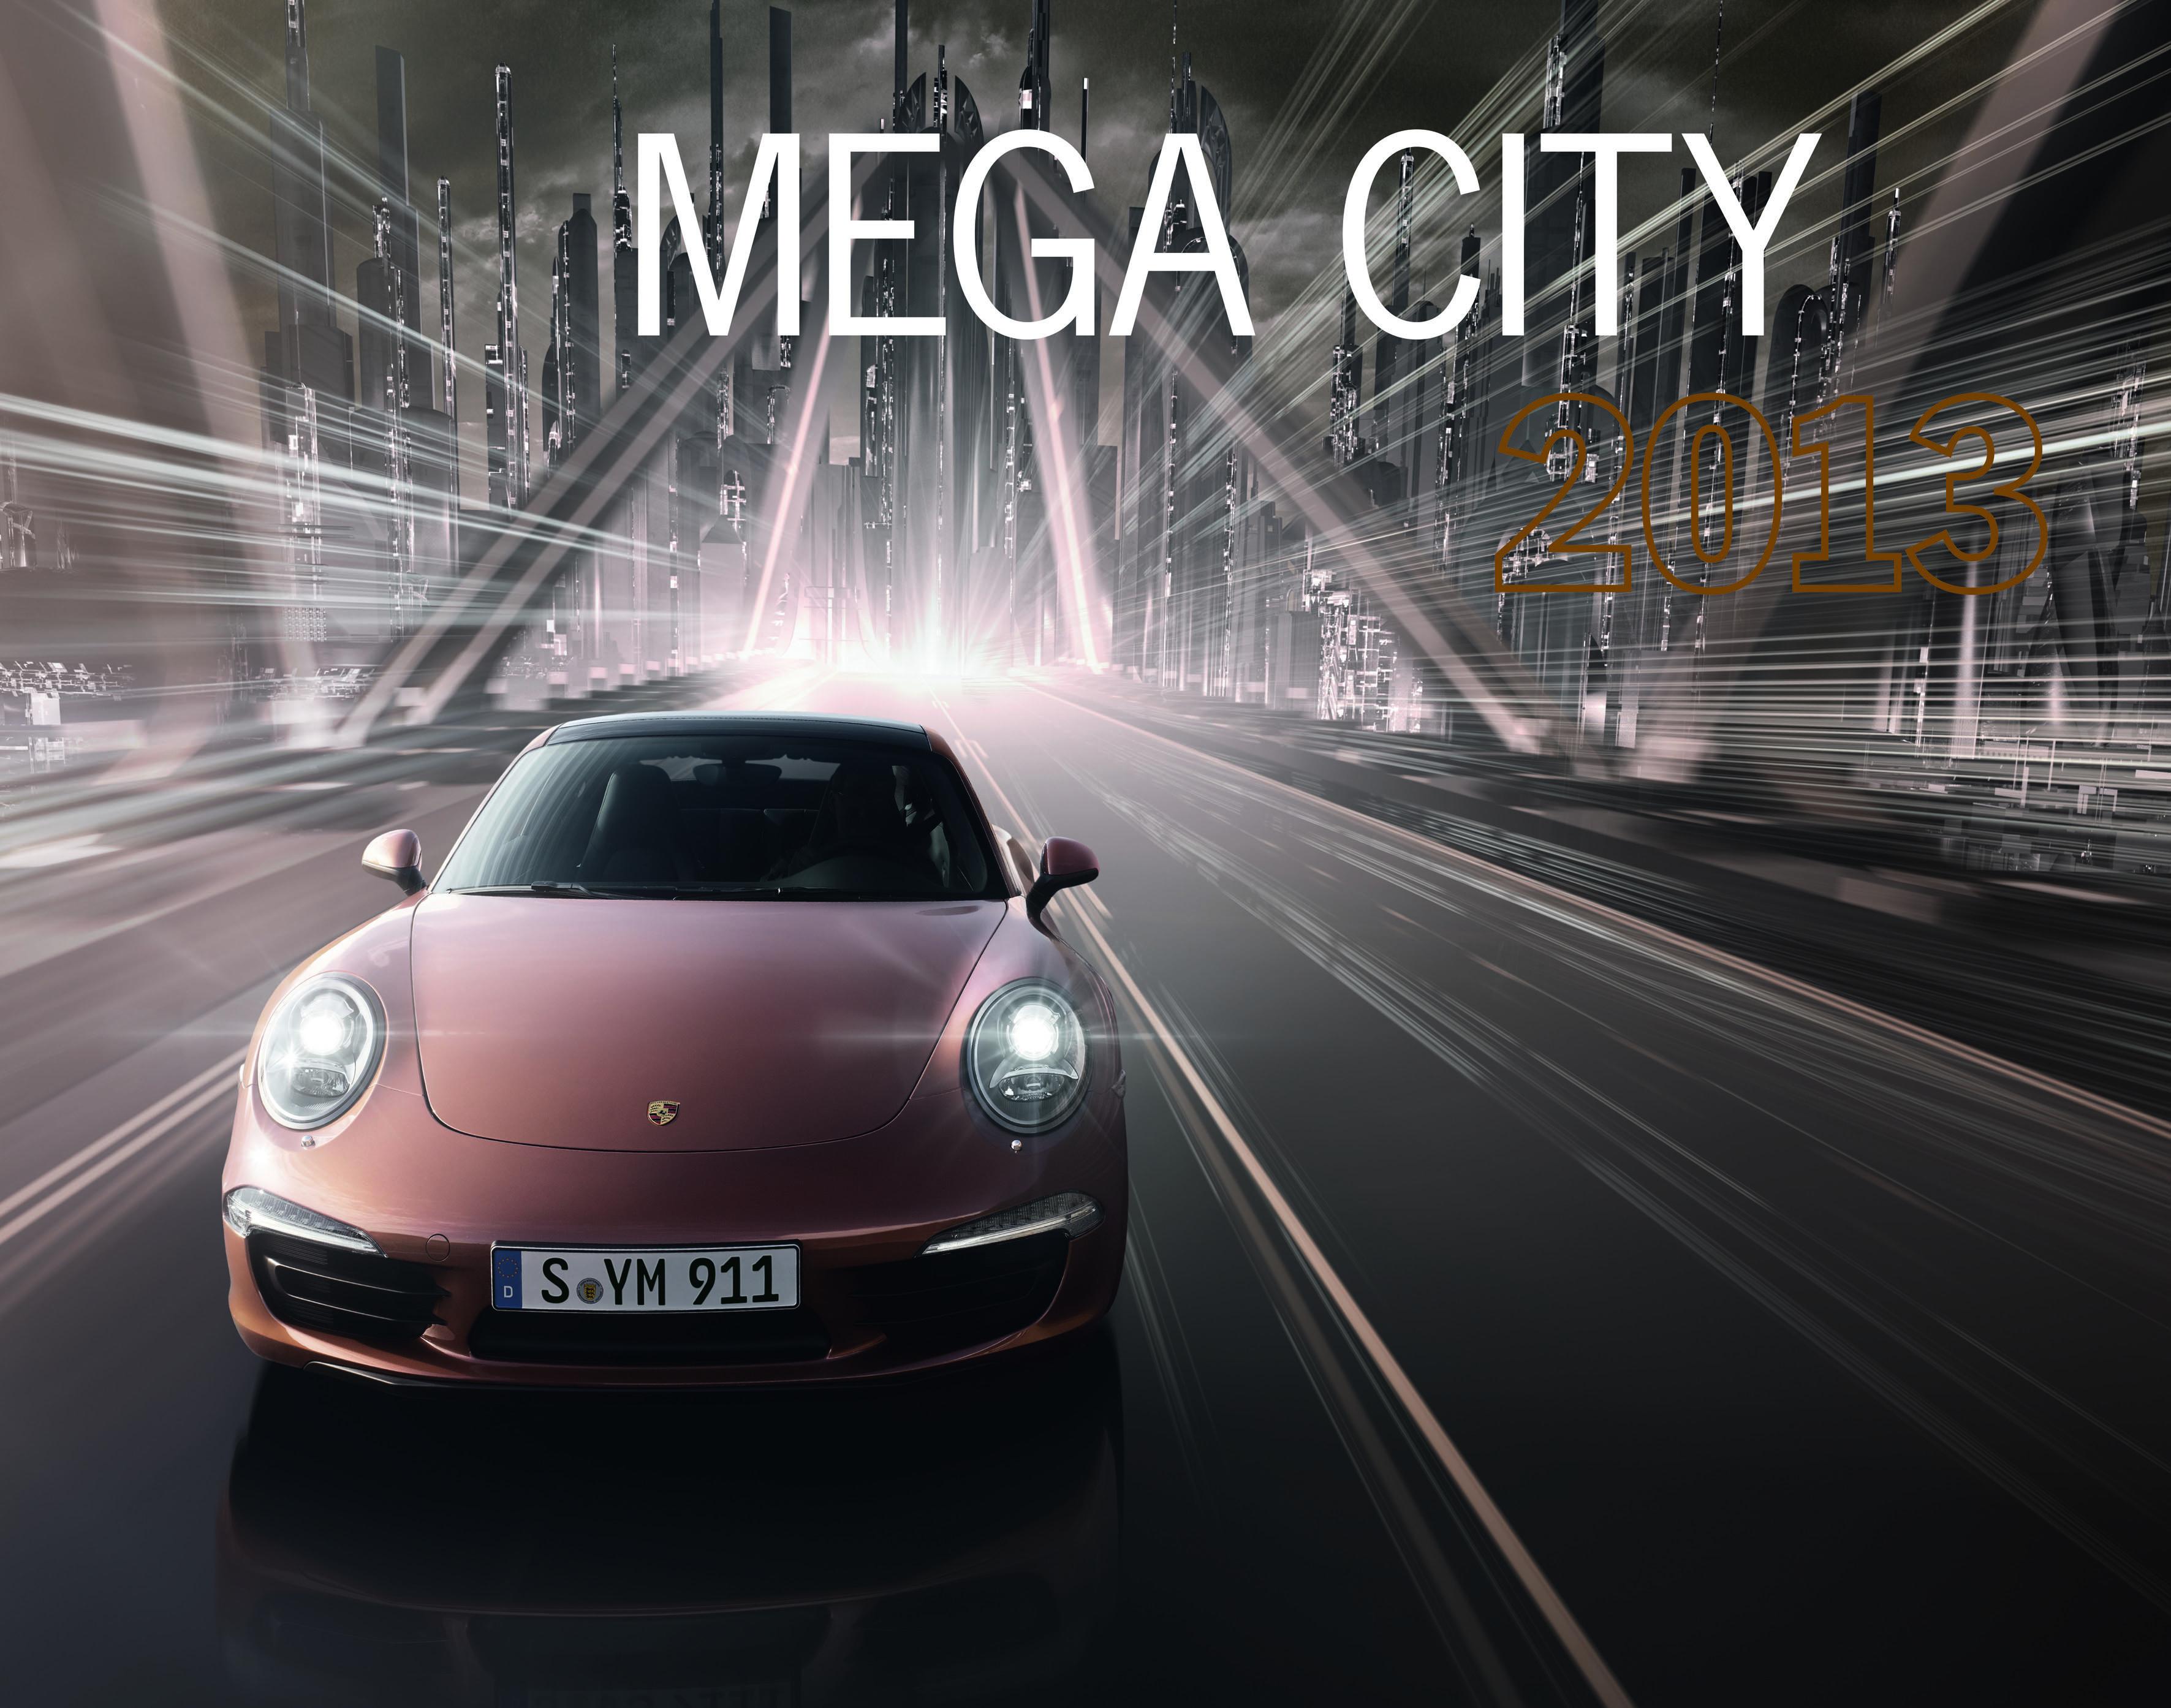 2bf8c4eff71 Porsche Calendar  Mega City 2013